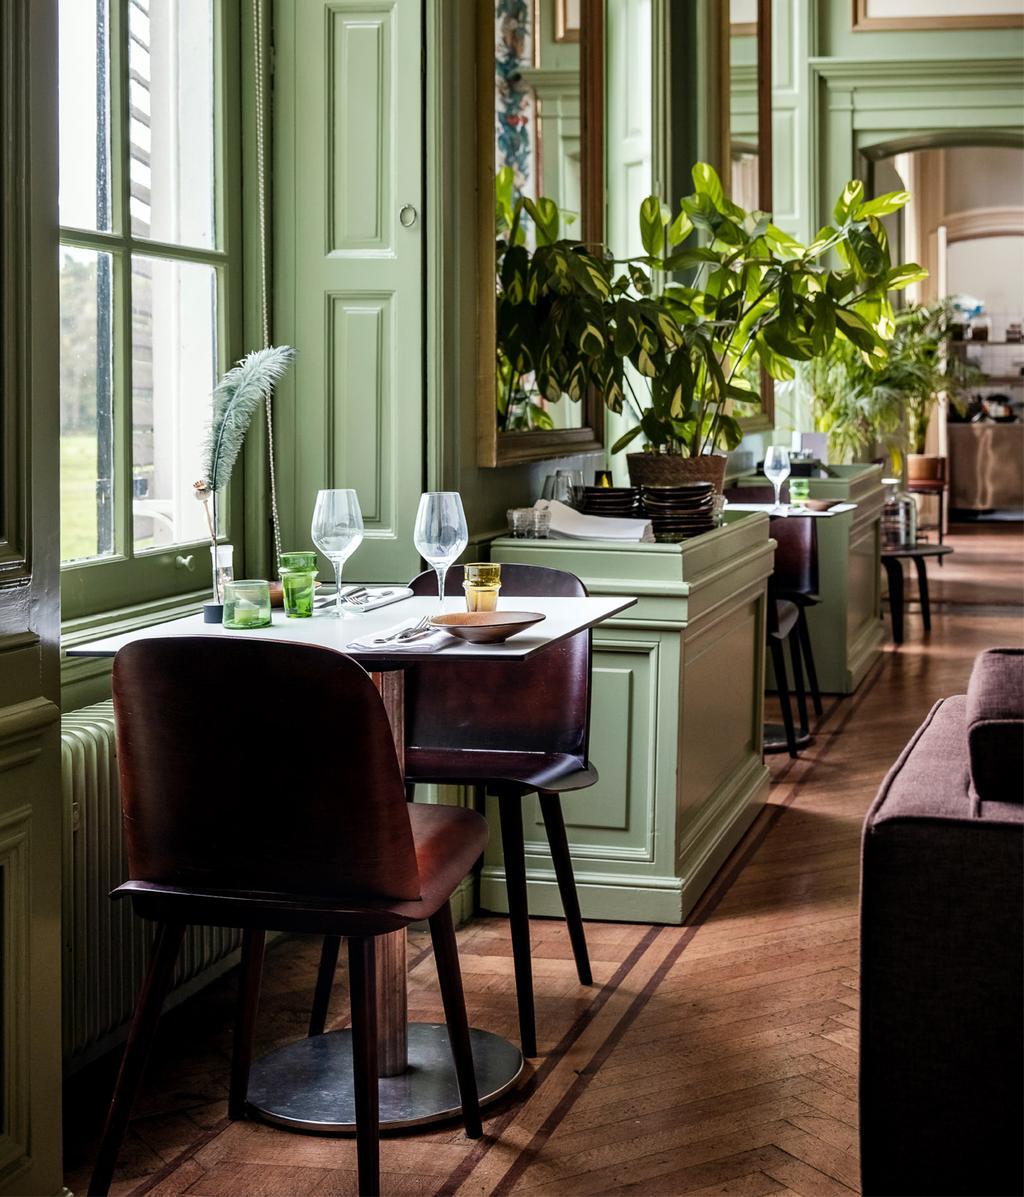 Hotel | Restaurant | vtwonen 01-2021